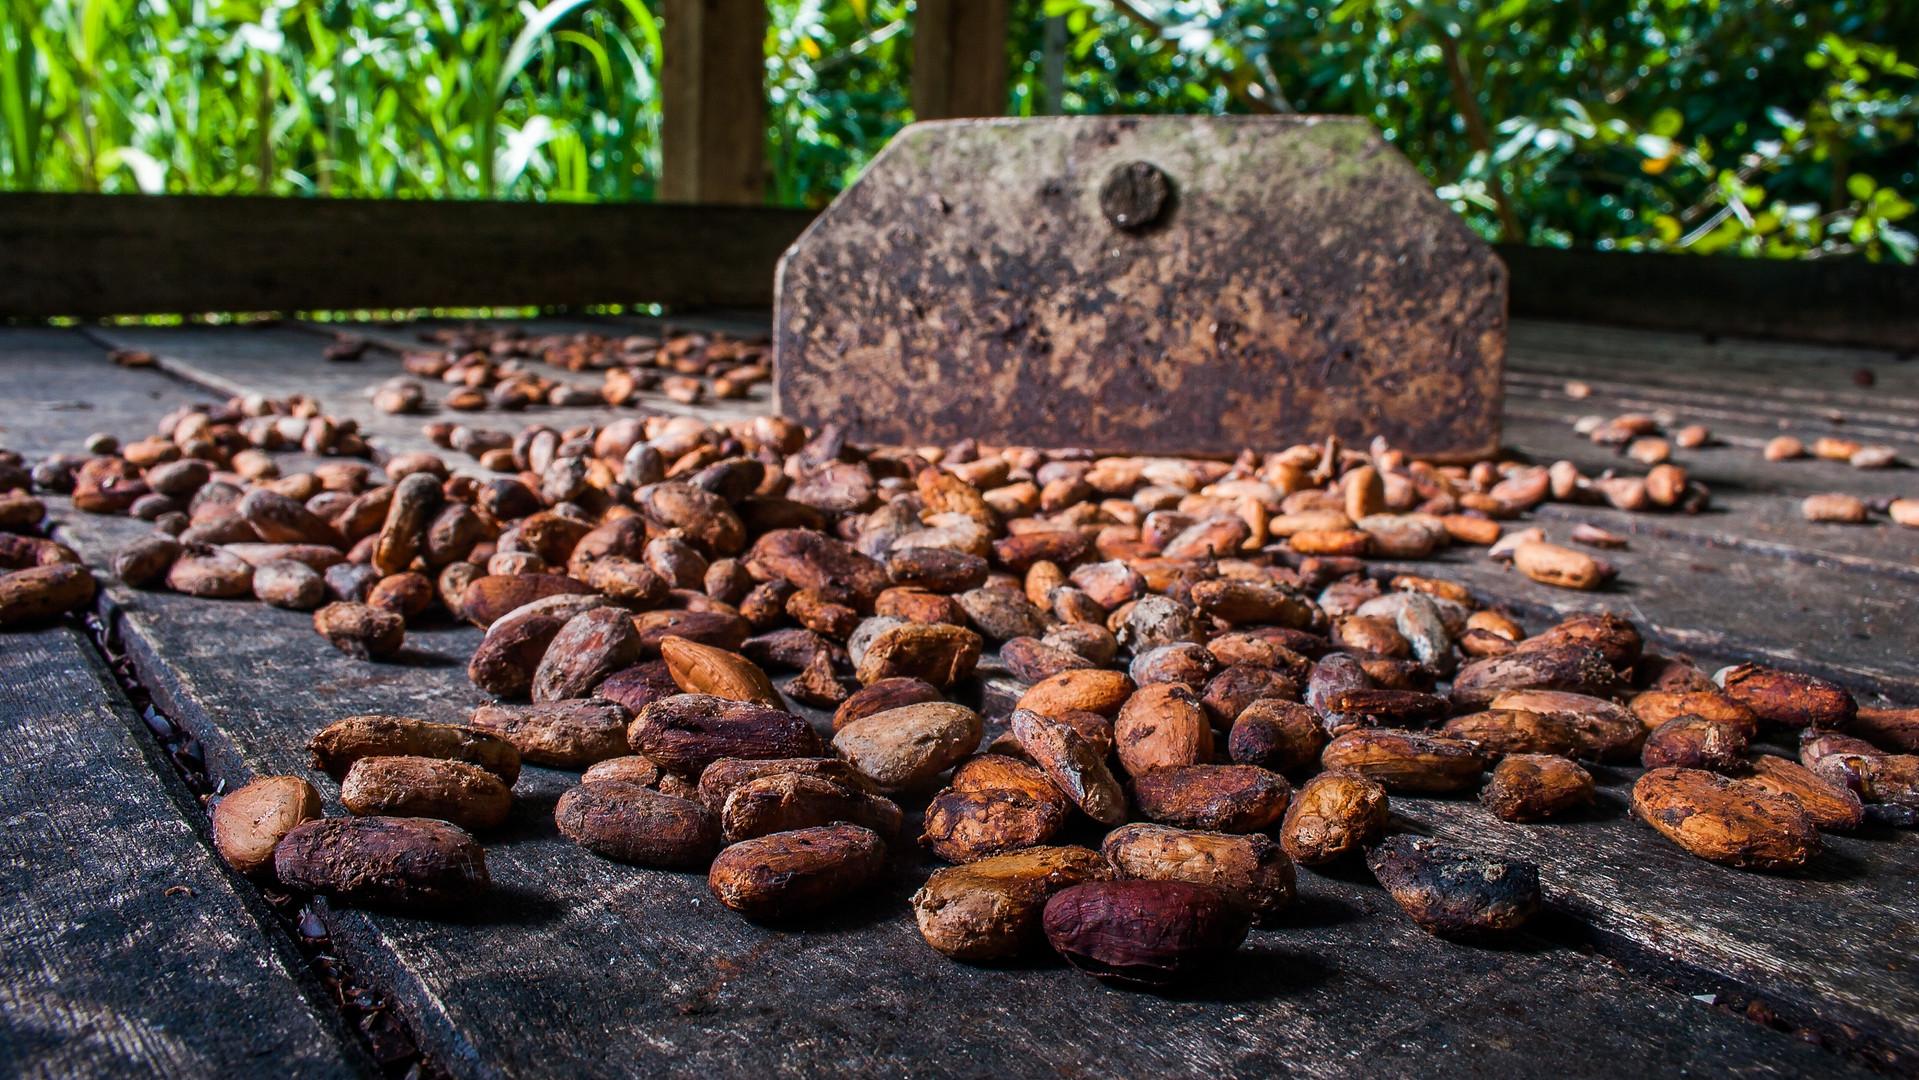 الكاكاو كما يراه مصنع الشوكولاتة GNAW